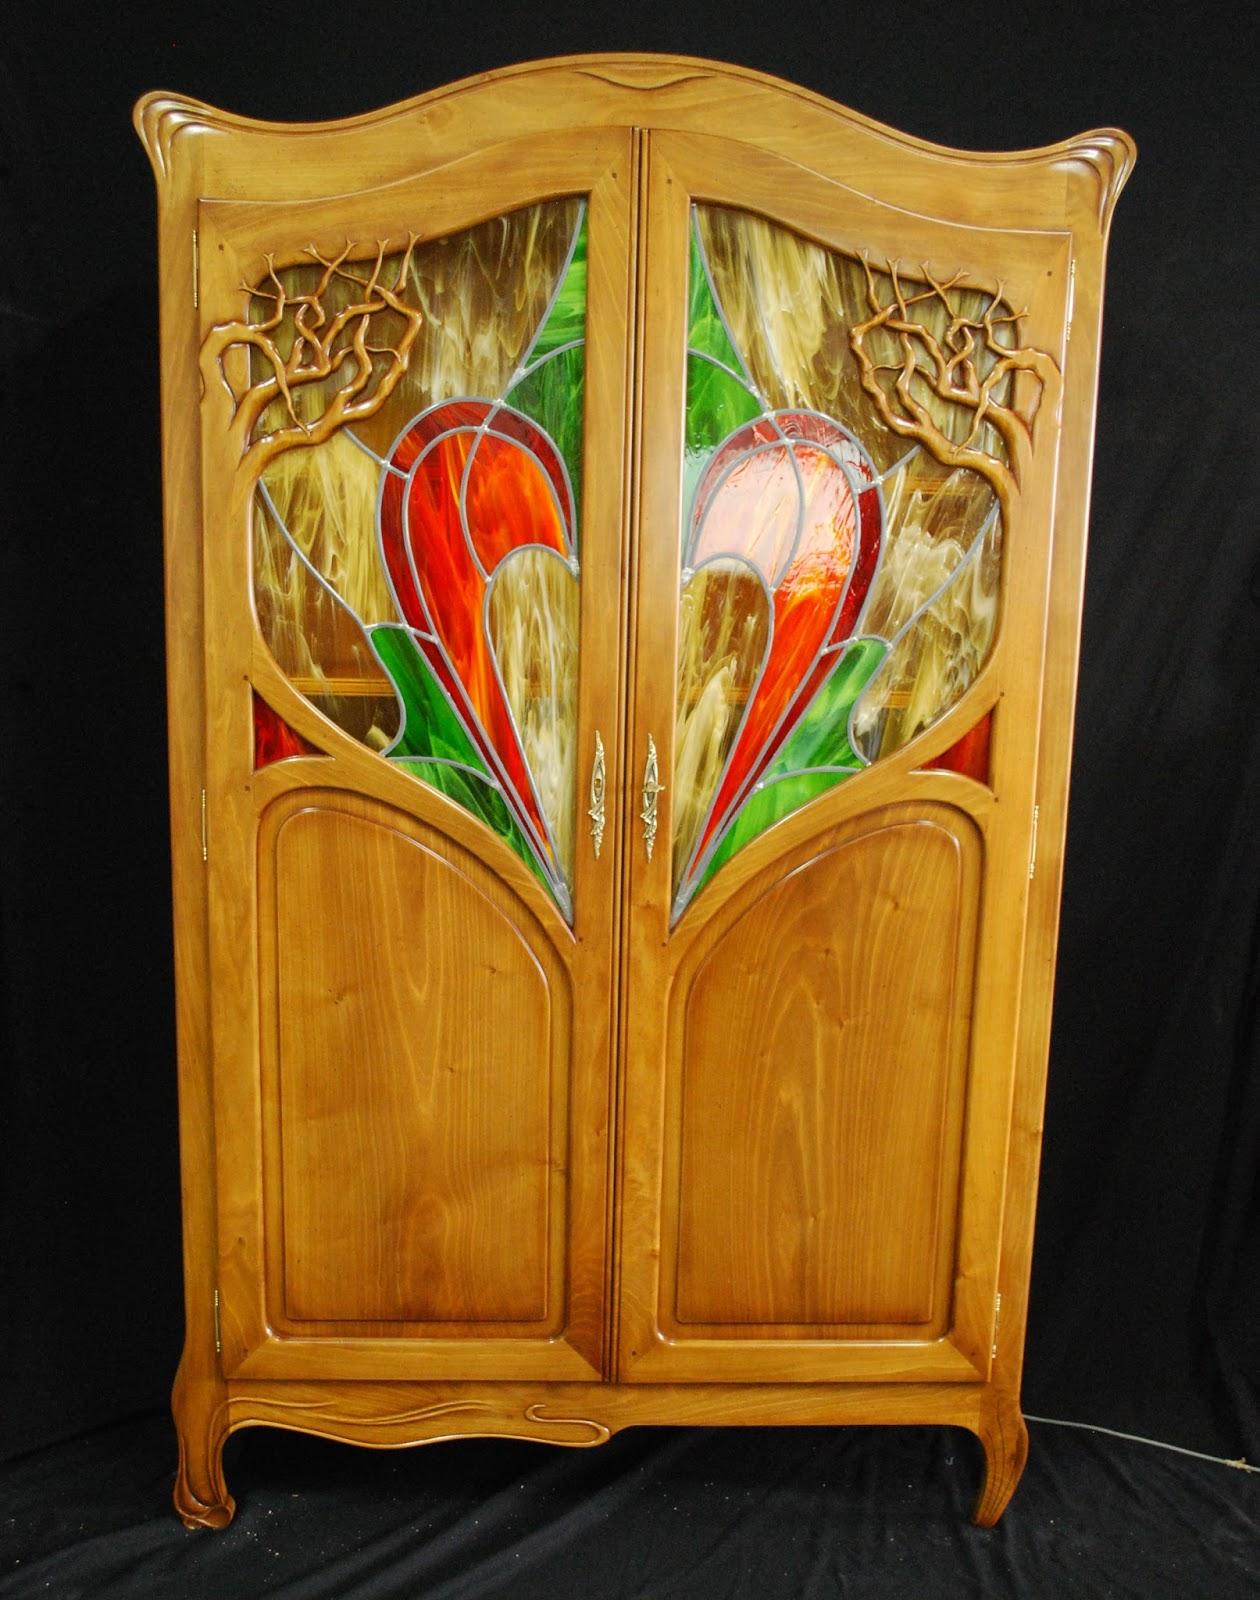 Des id es en verre meuble art nouveau et vitrail au plomb - Meuble art nouveau ...